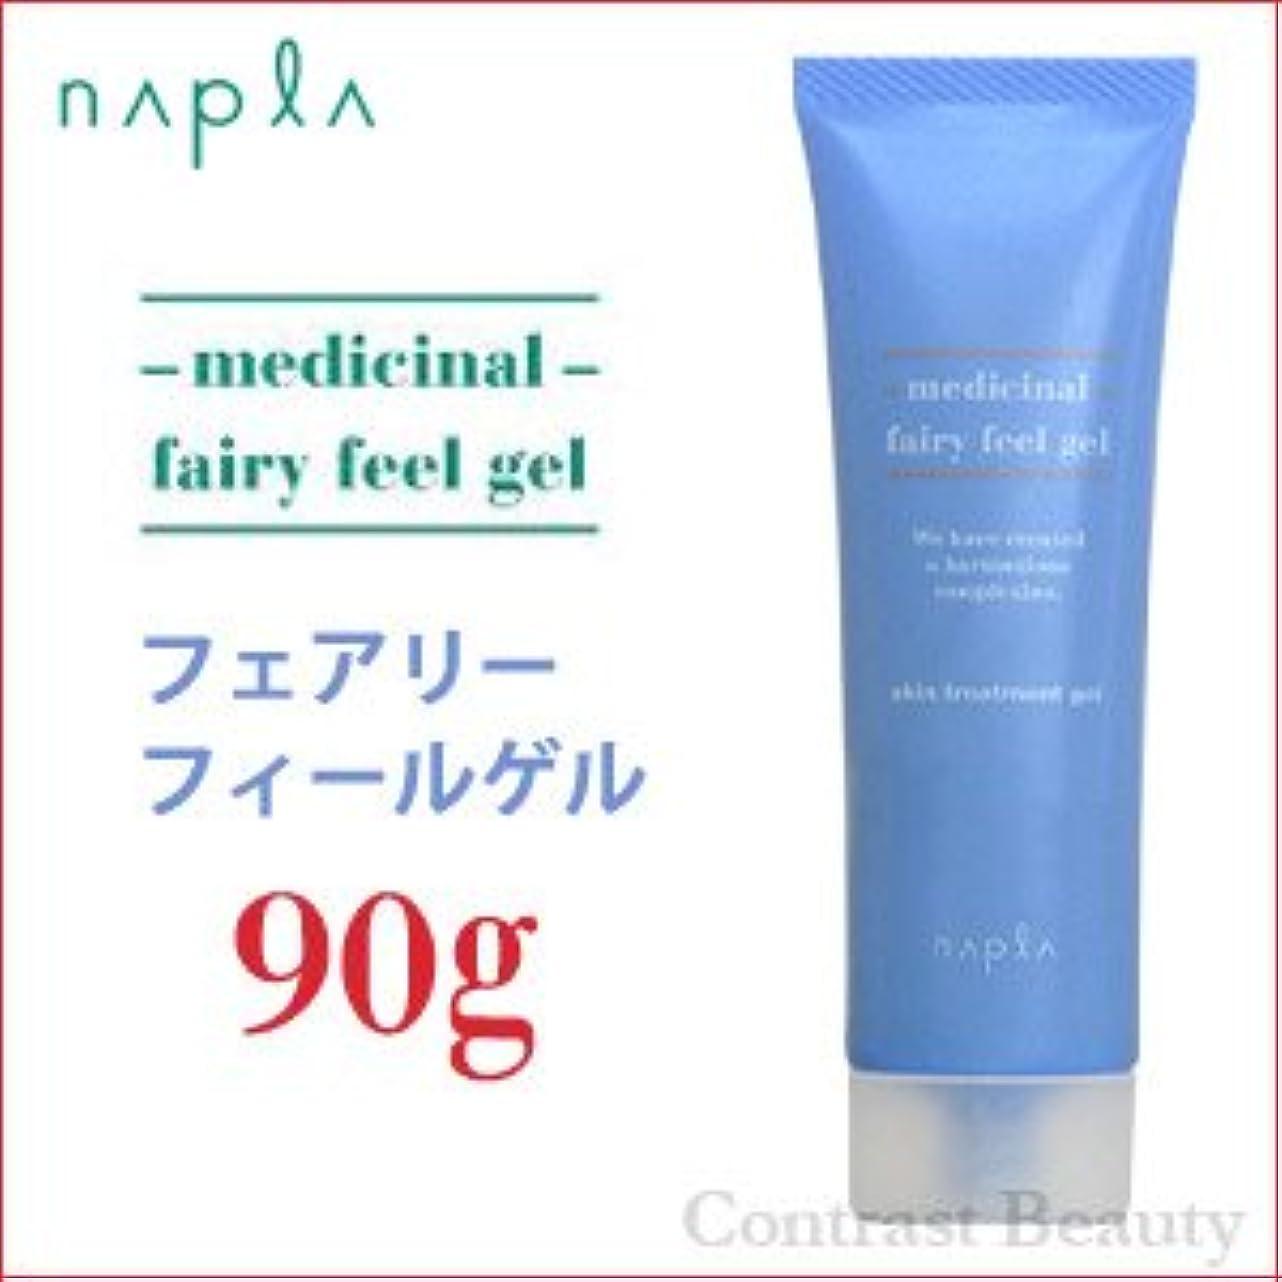 野心ブランド名しっかり【X3個セット】 ナプラ 薬用フェアリーフィールゲル 90g